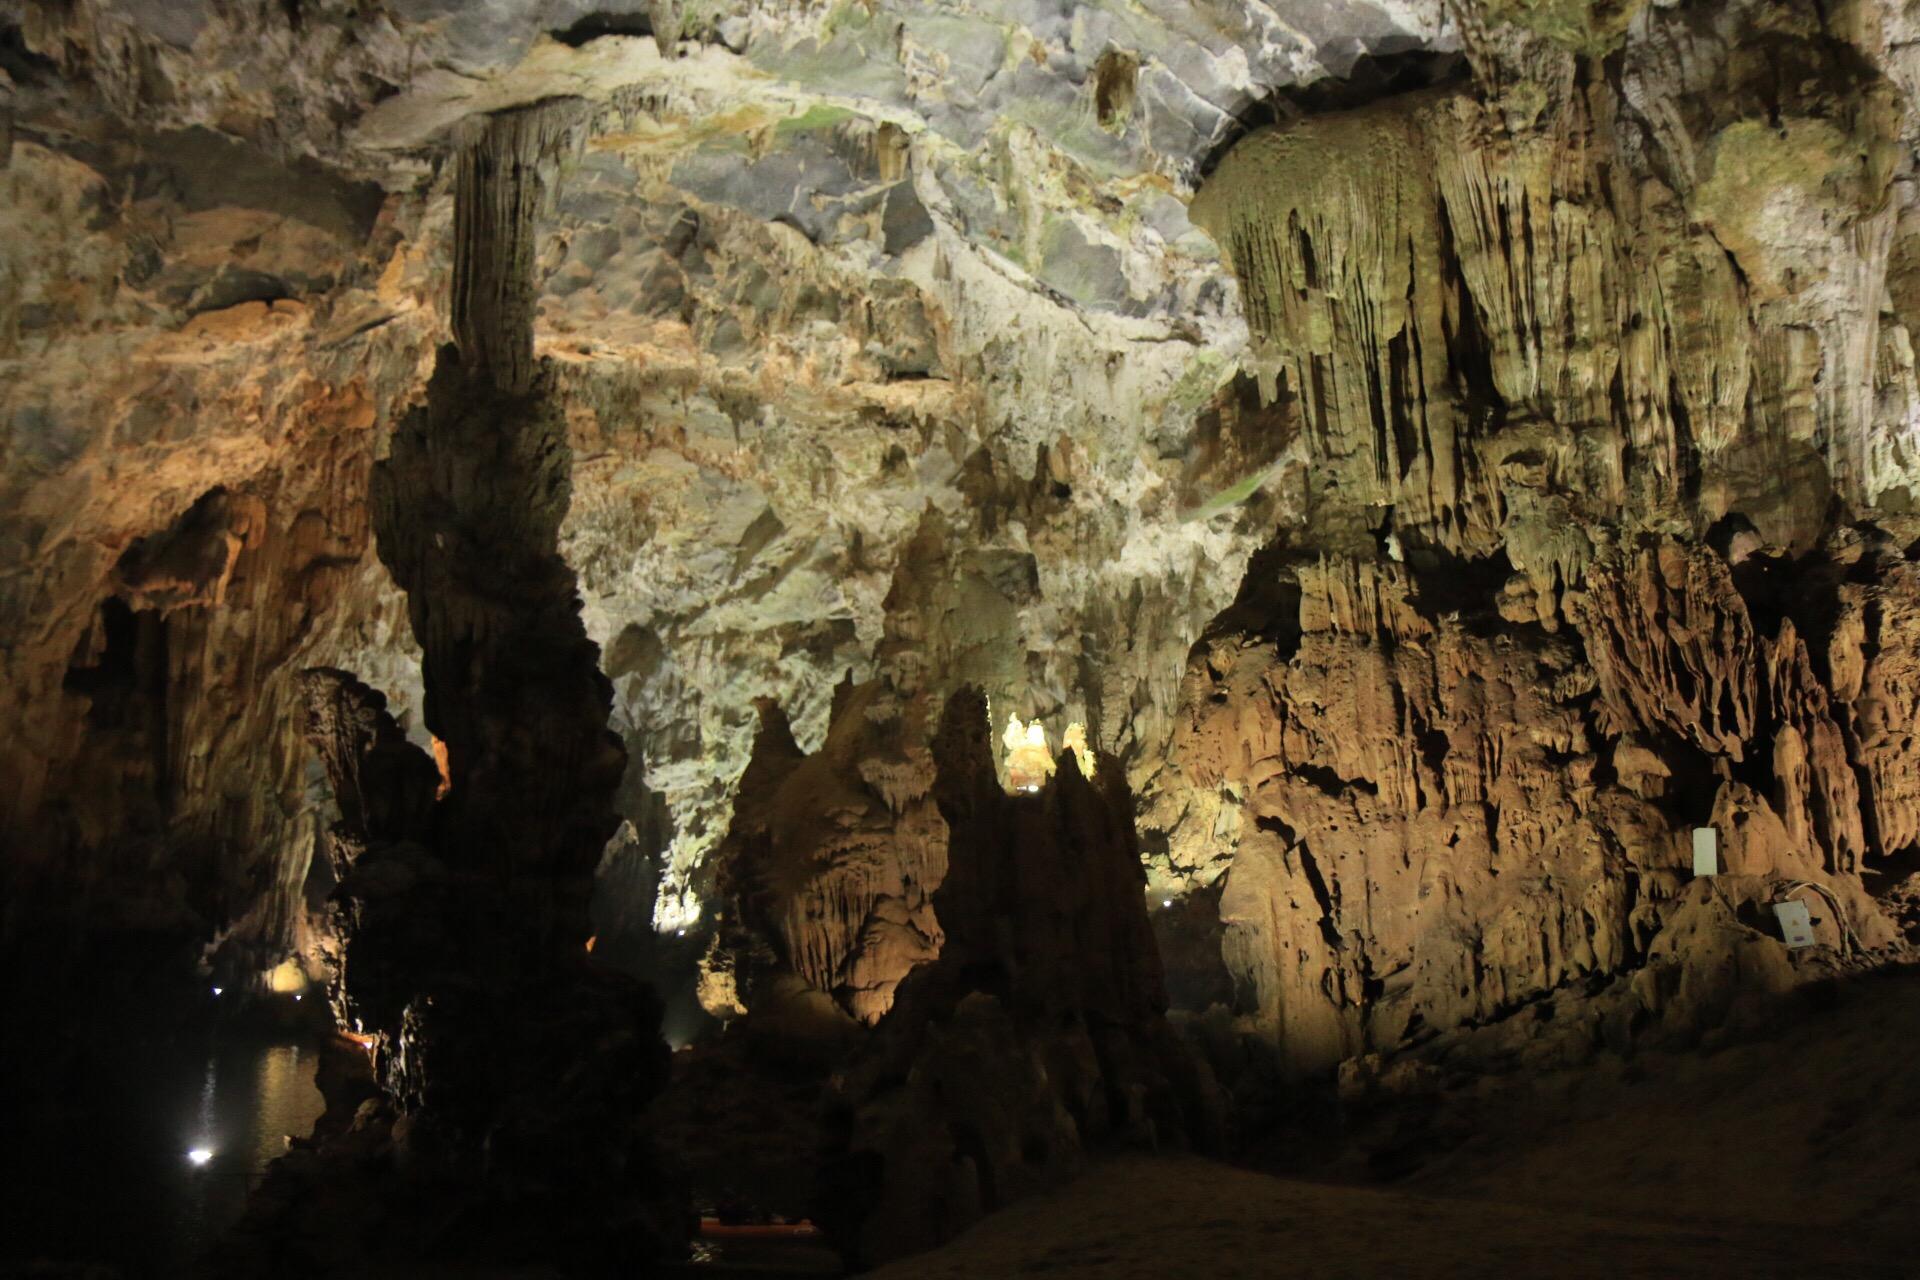 Der trockene Zweig der Höhle war gar nicht mal so klein...